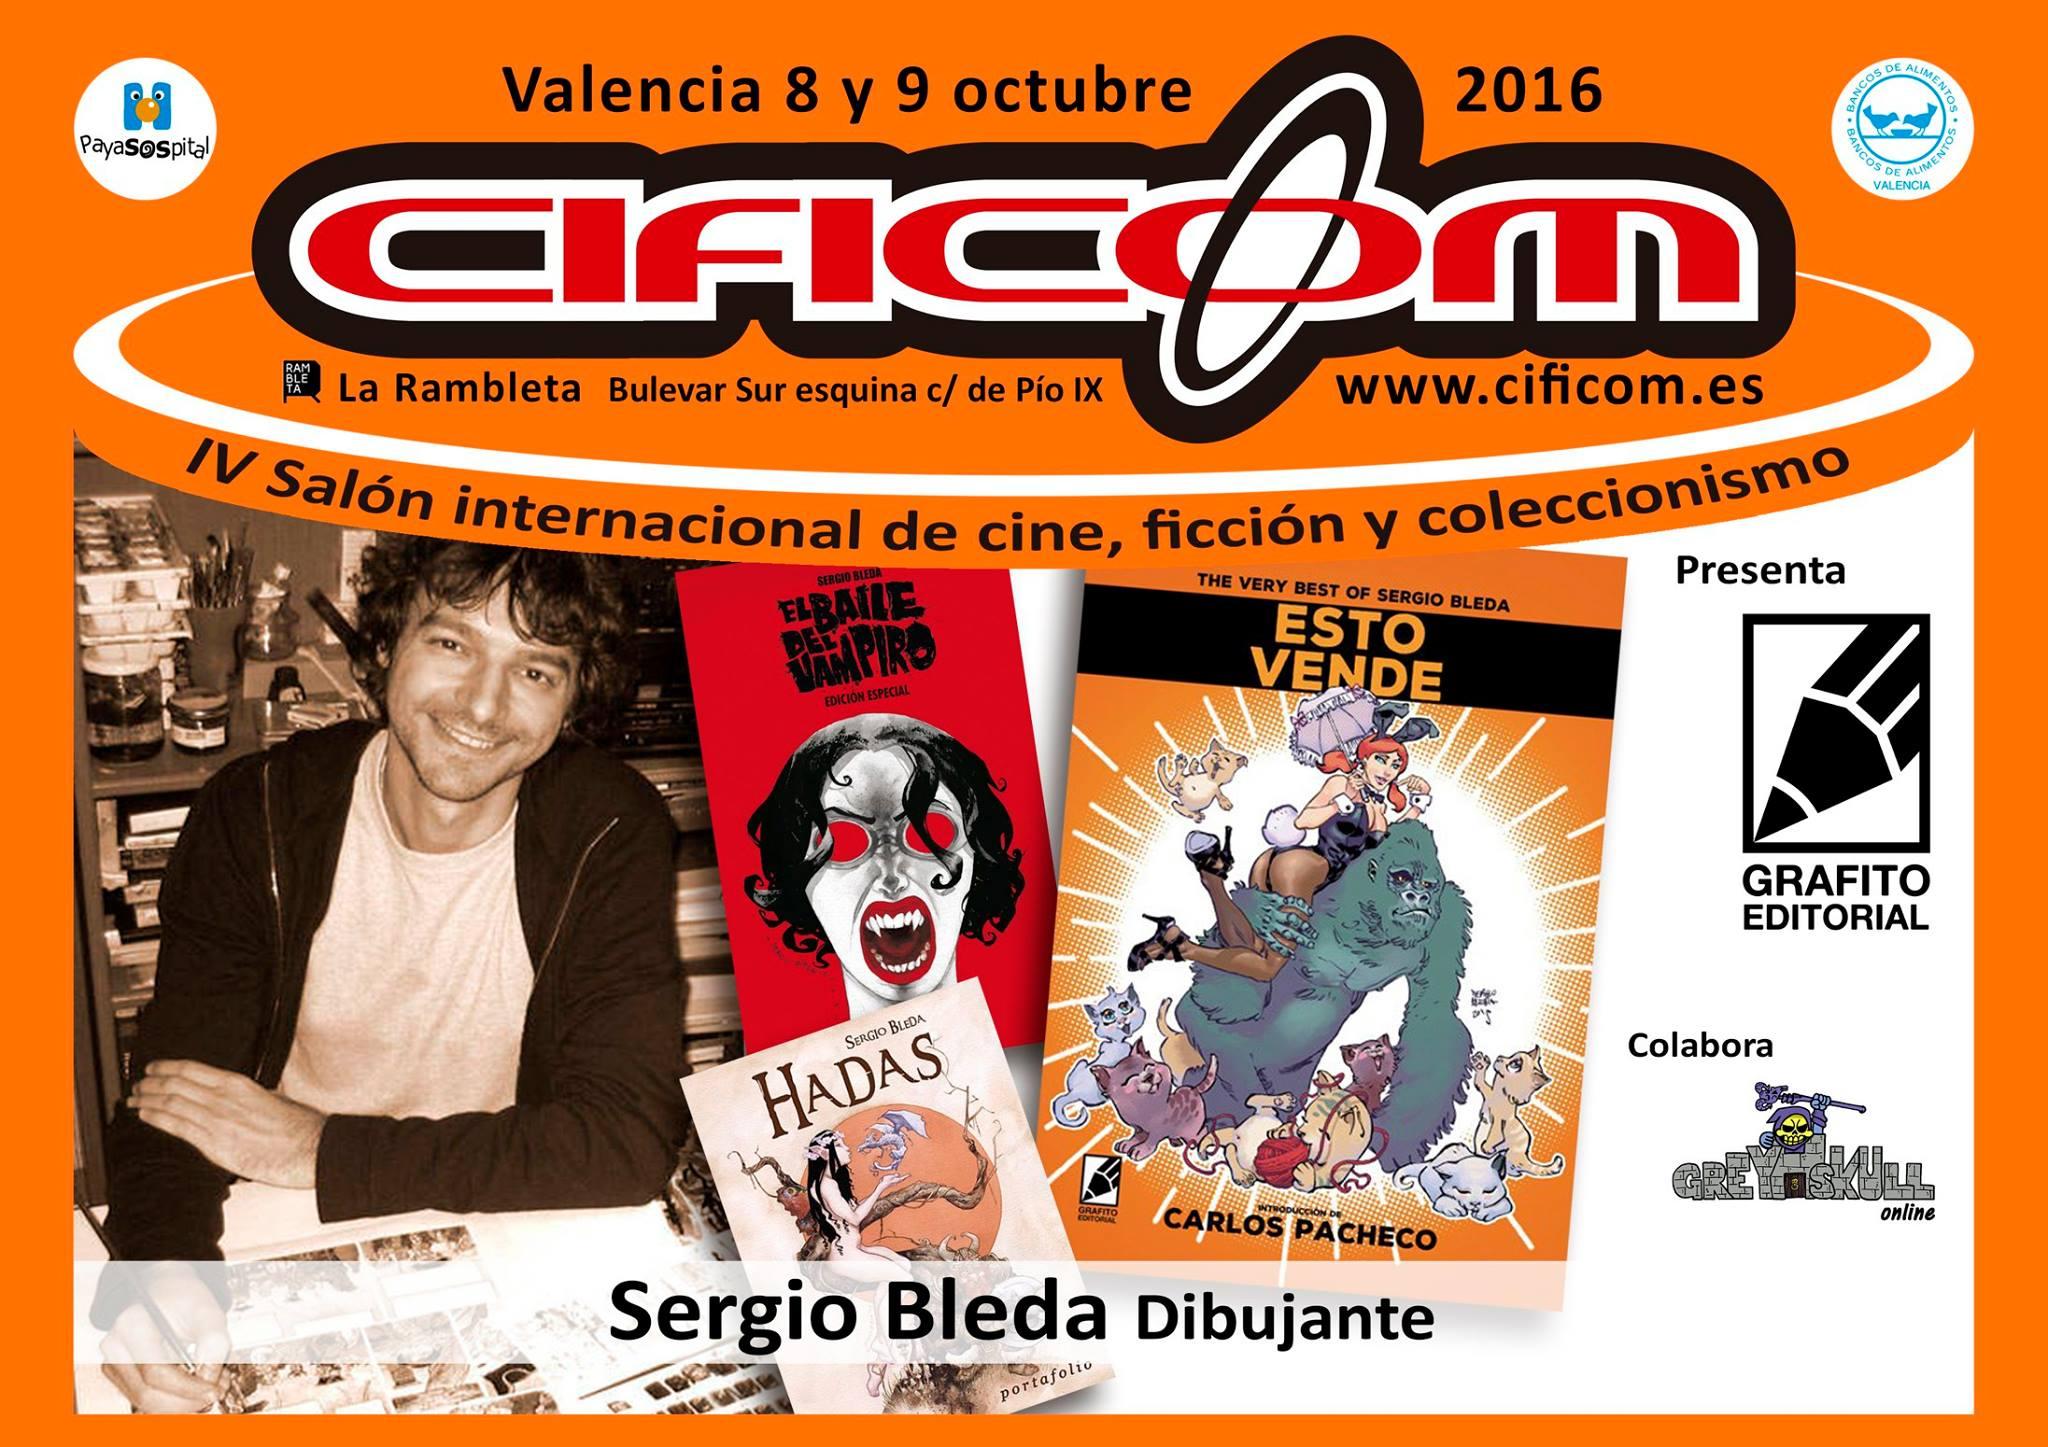 Sergio Bleda Grafito Editorial